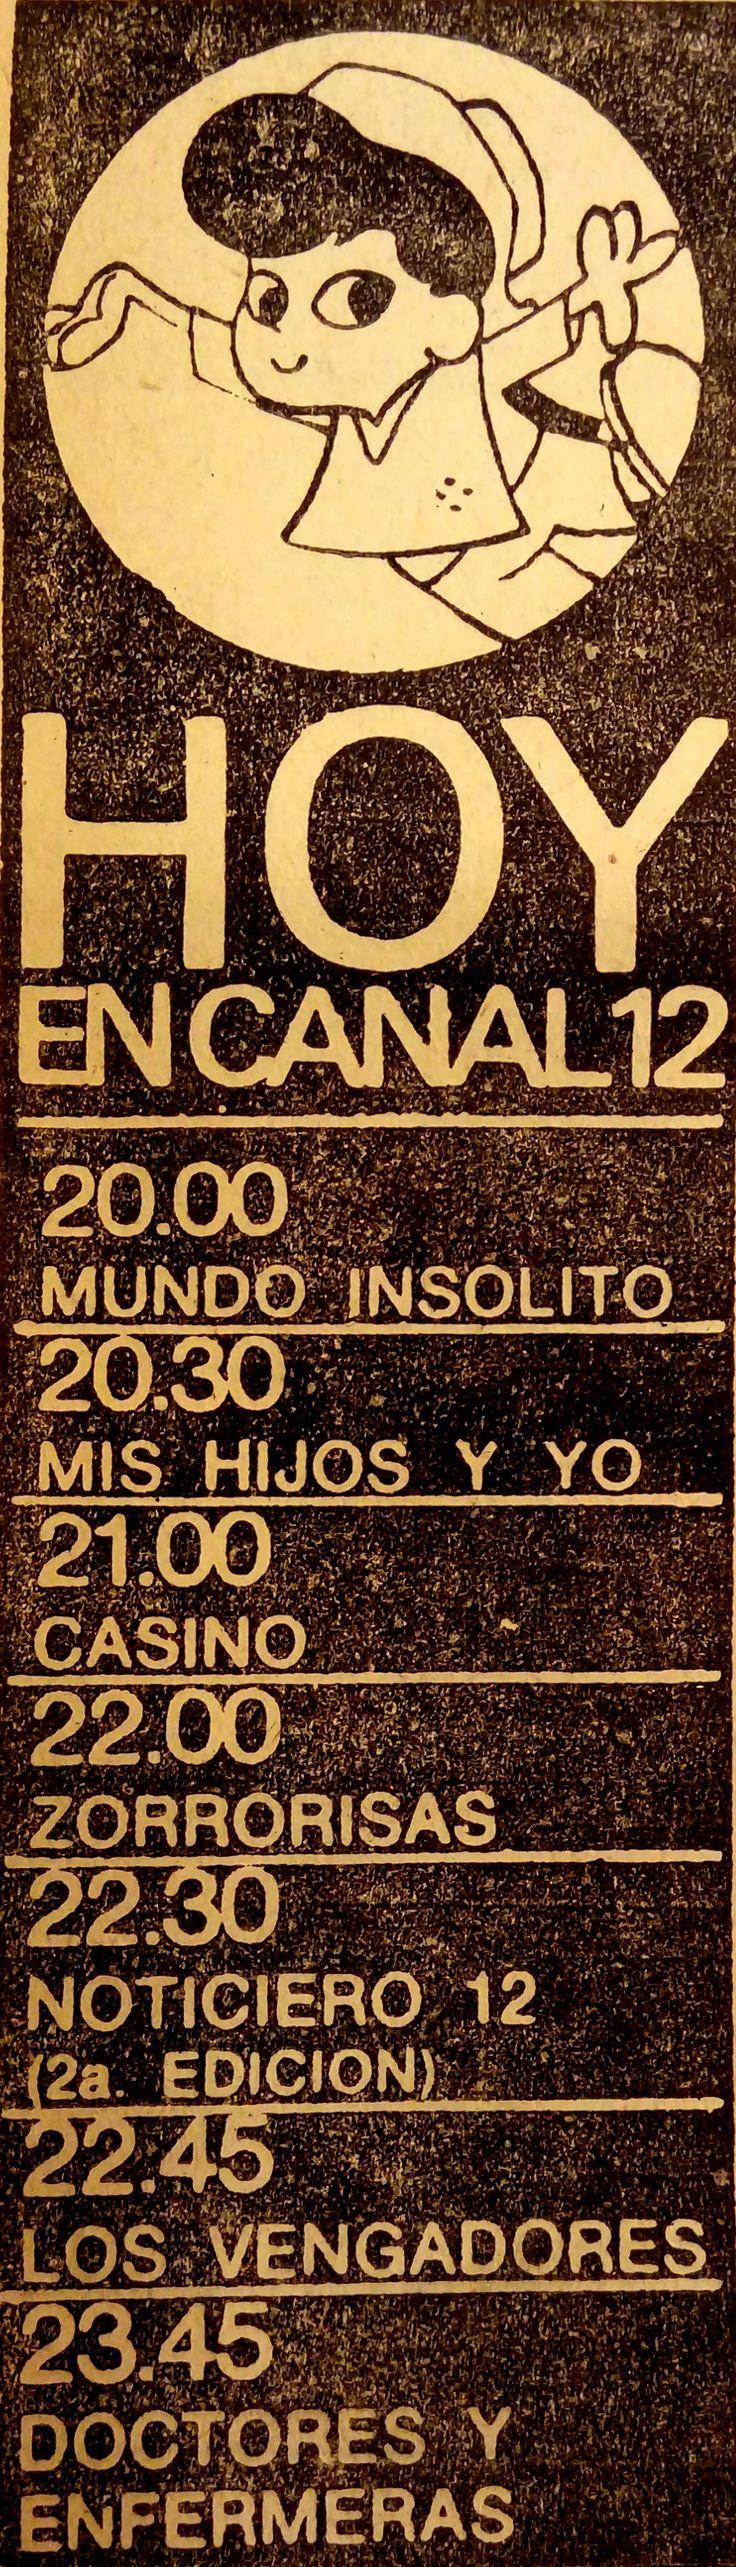 Publicidad de programación de CANAL 12, Córdoba, Argentina, 1967.